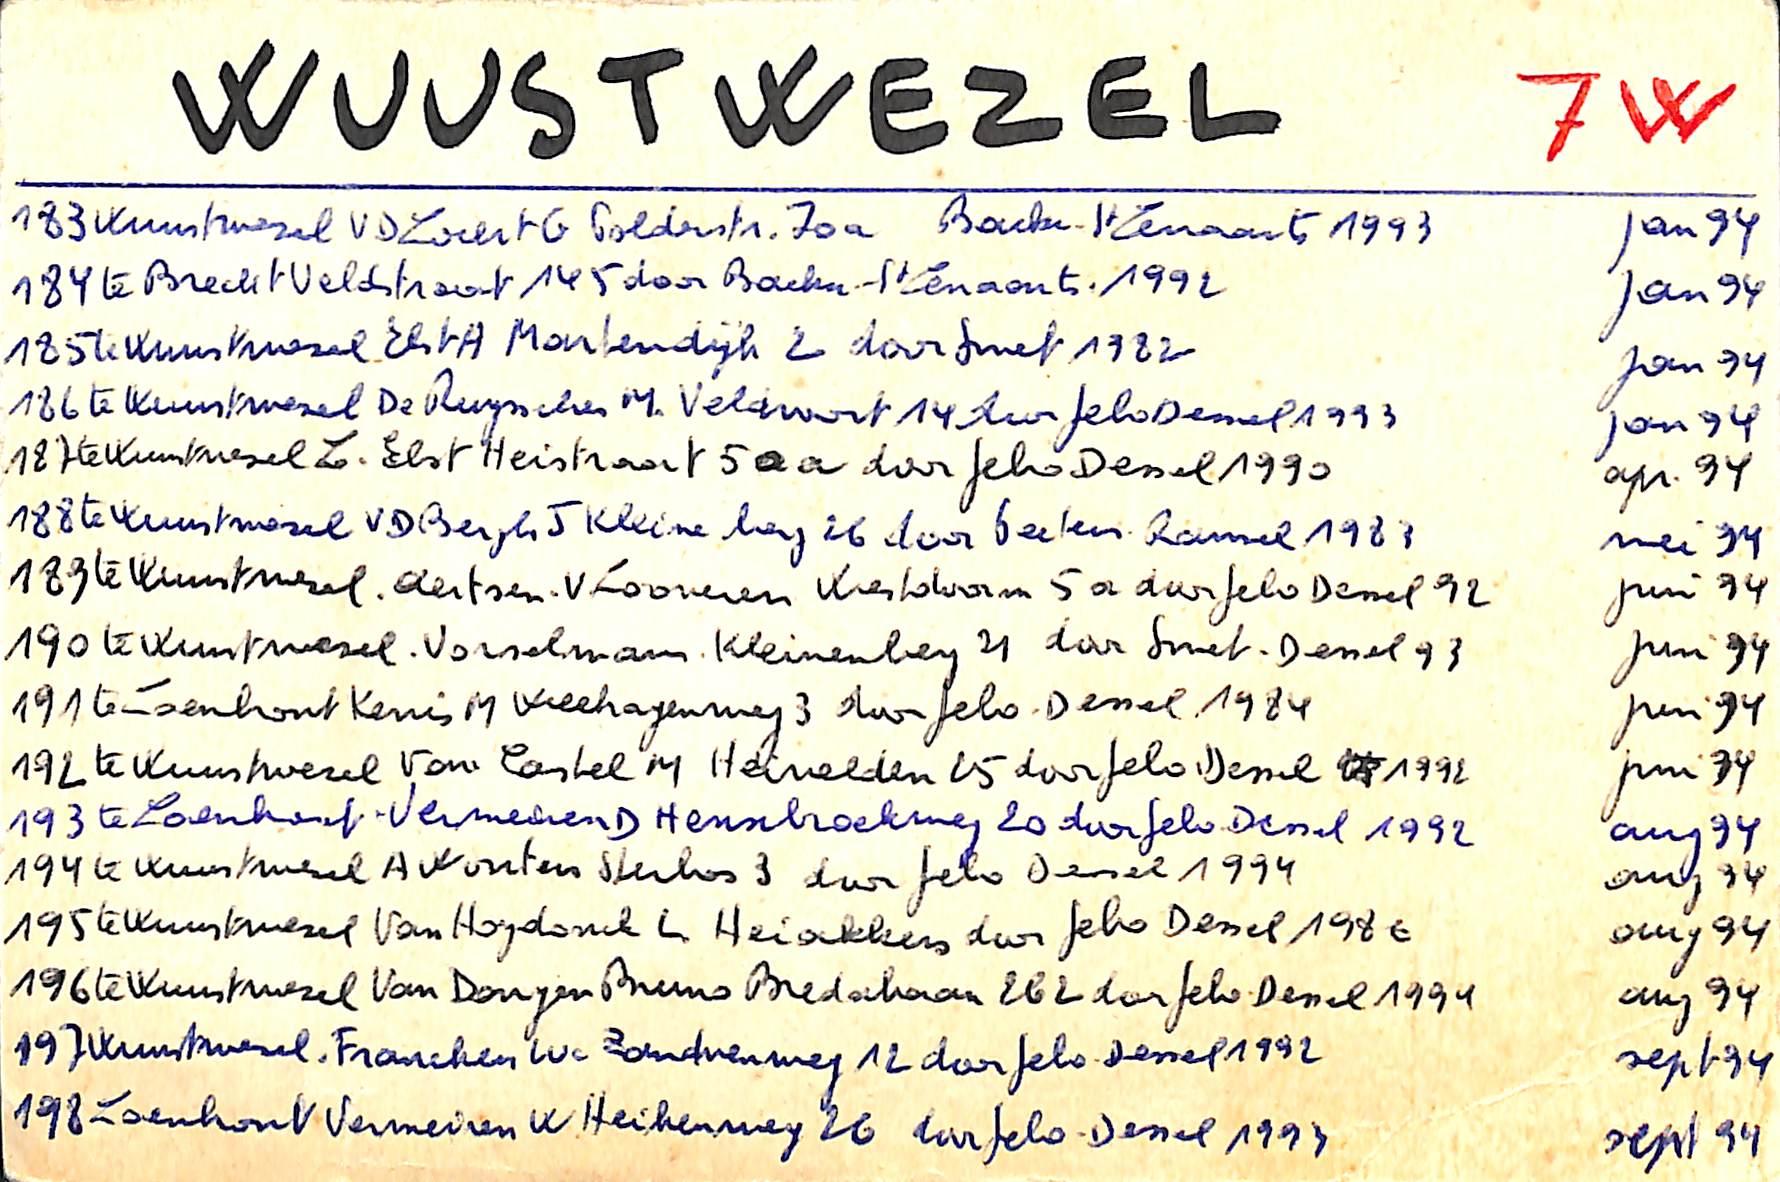 7W 183-198.jpg